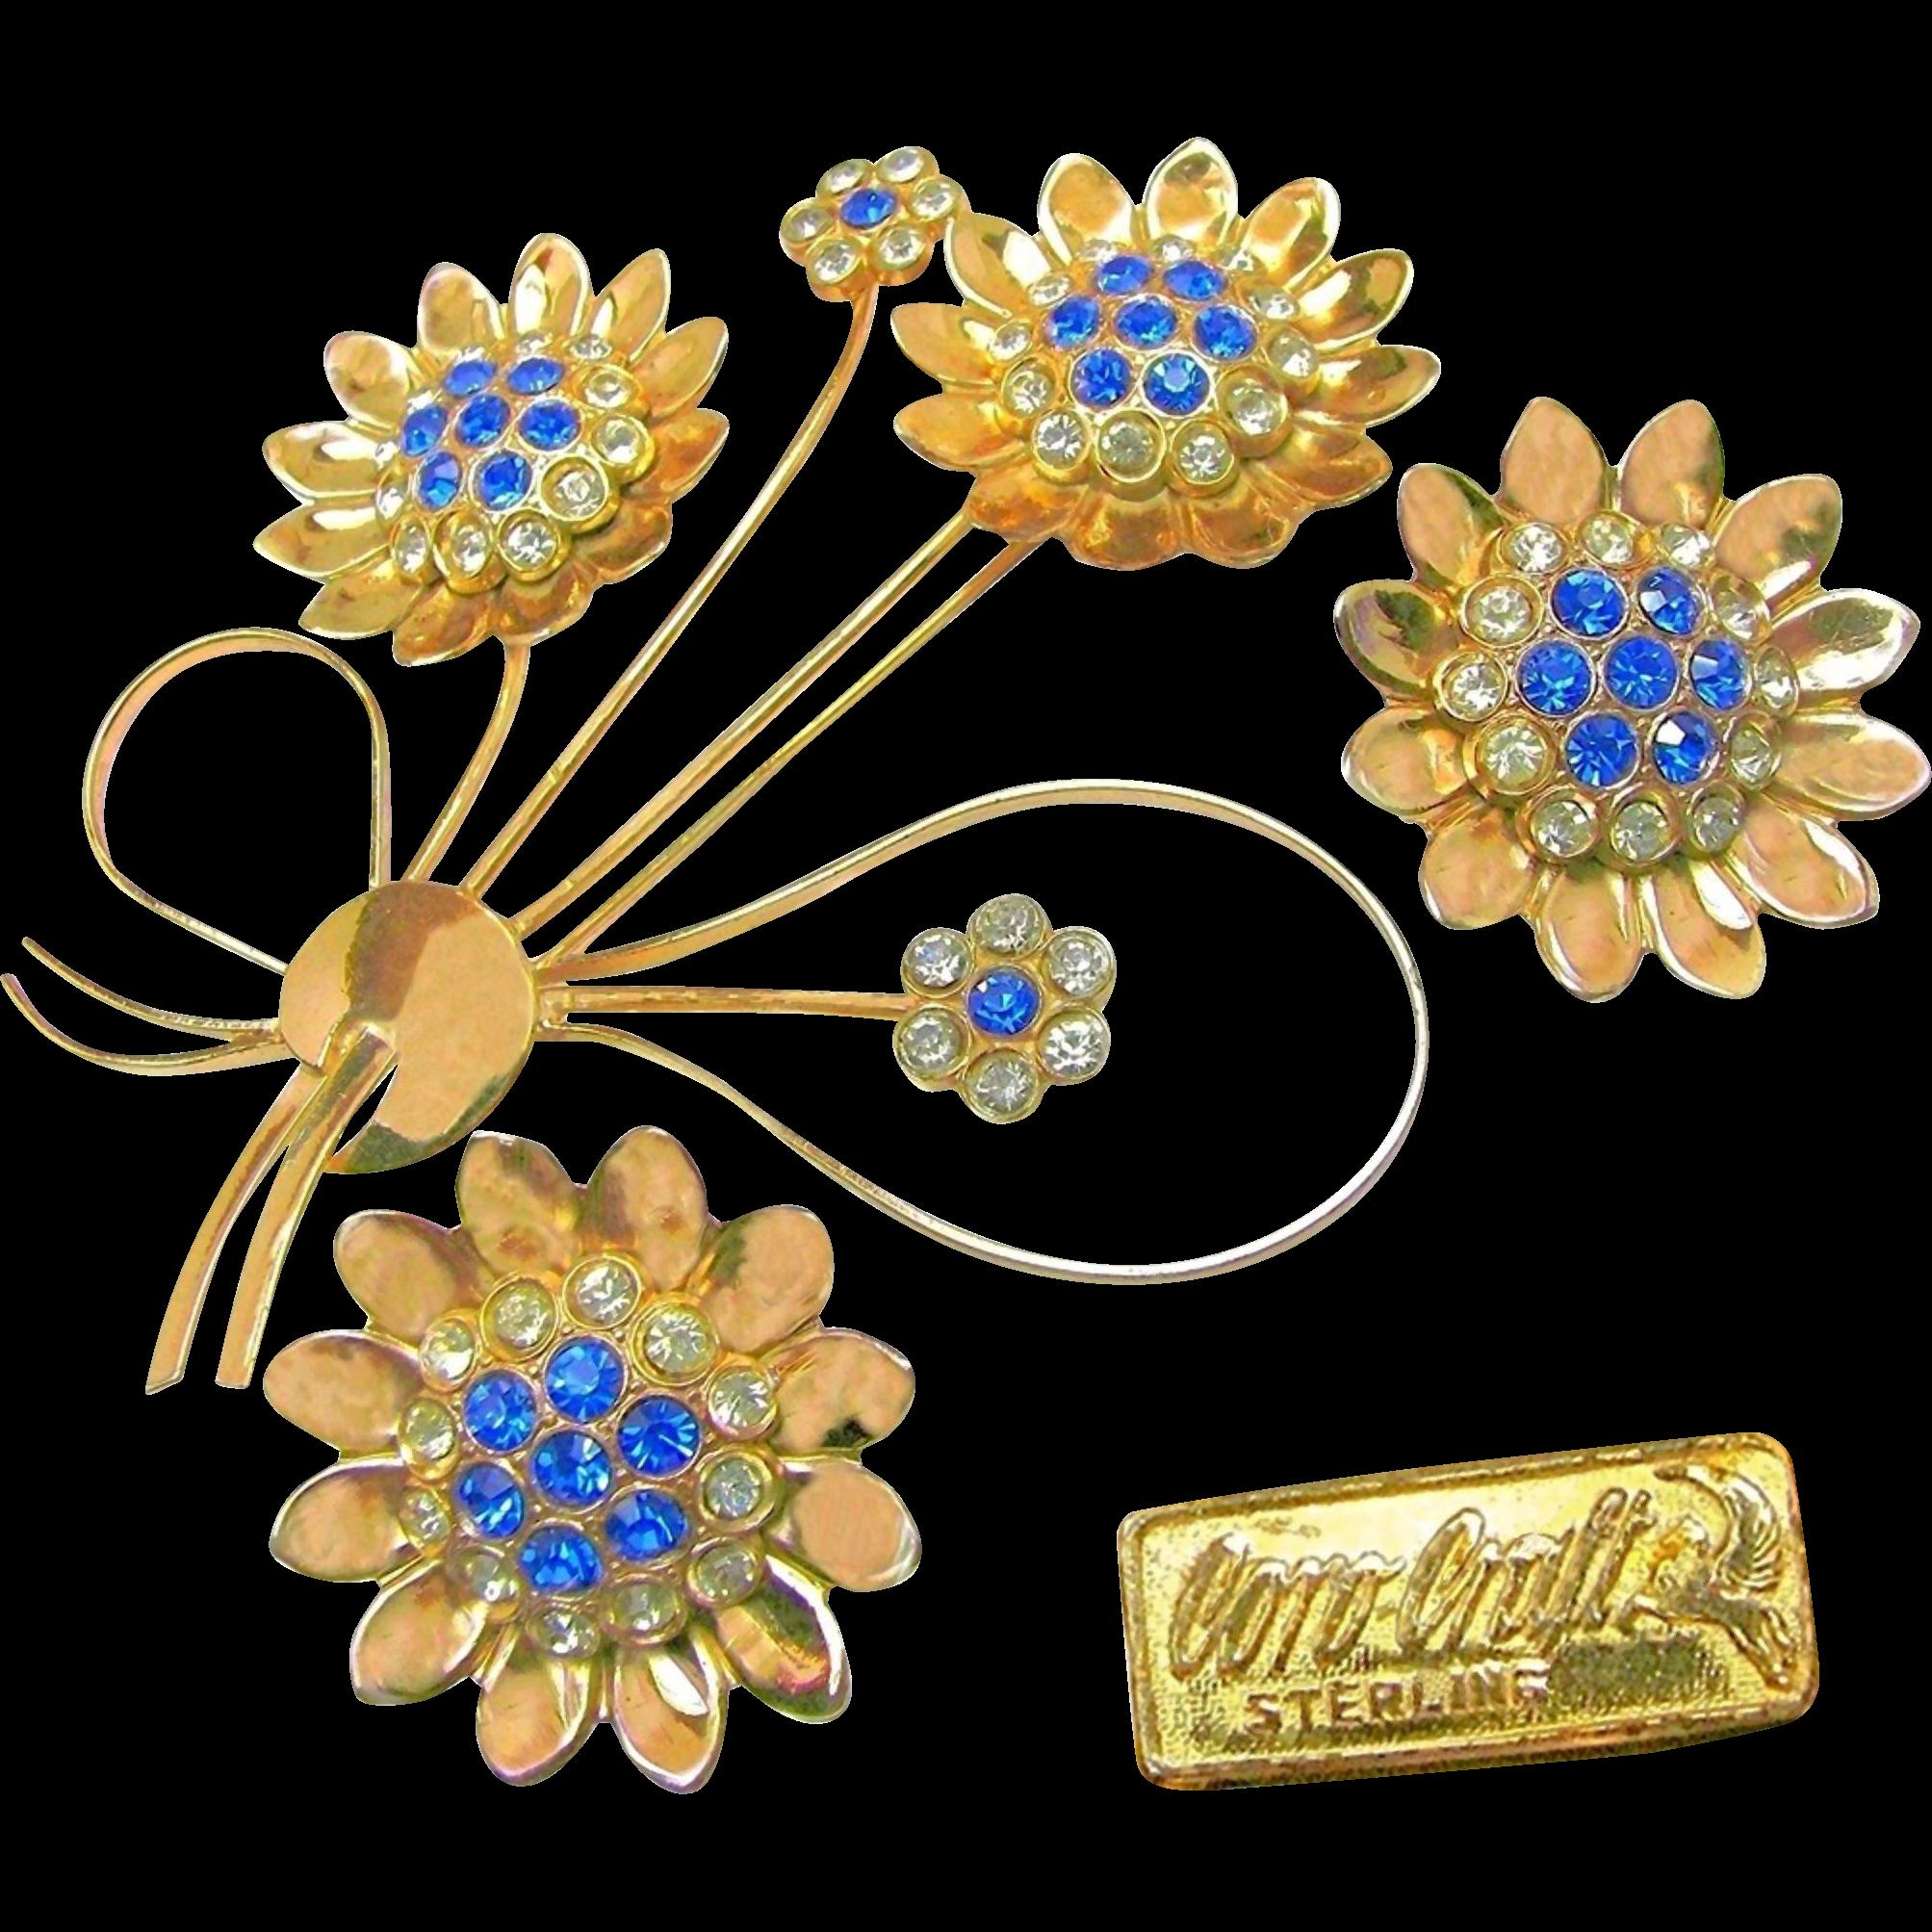 Vintage COROCRAFT STERLING Flower Brooch & Earrings Bookpieces w/ Rhinestones c.1940's